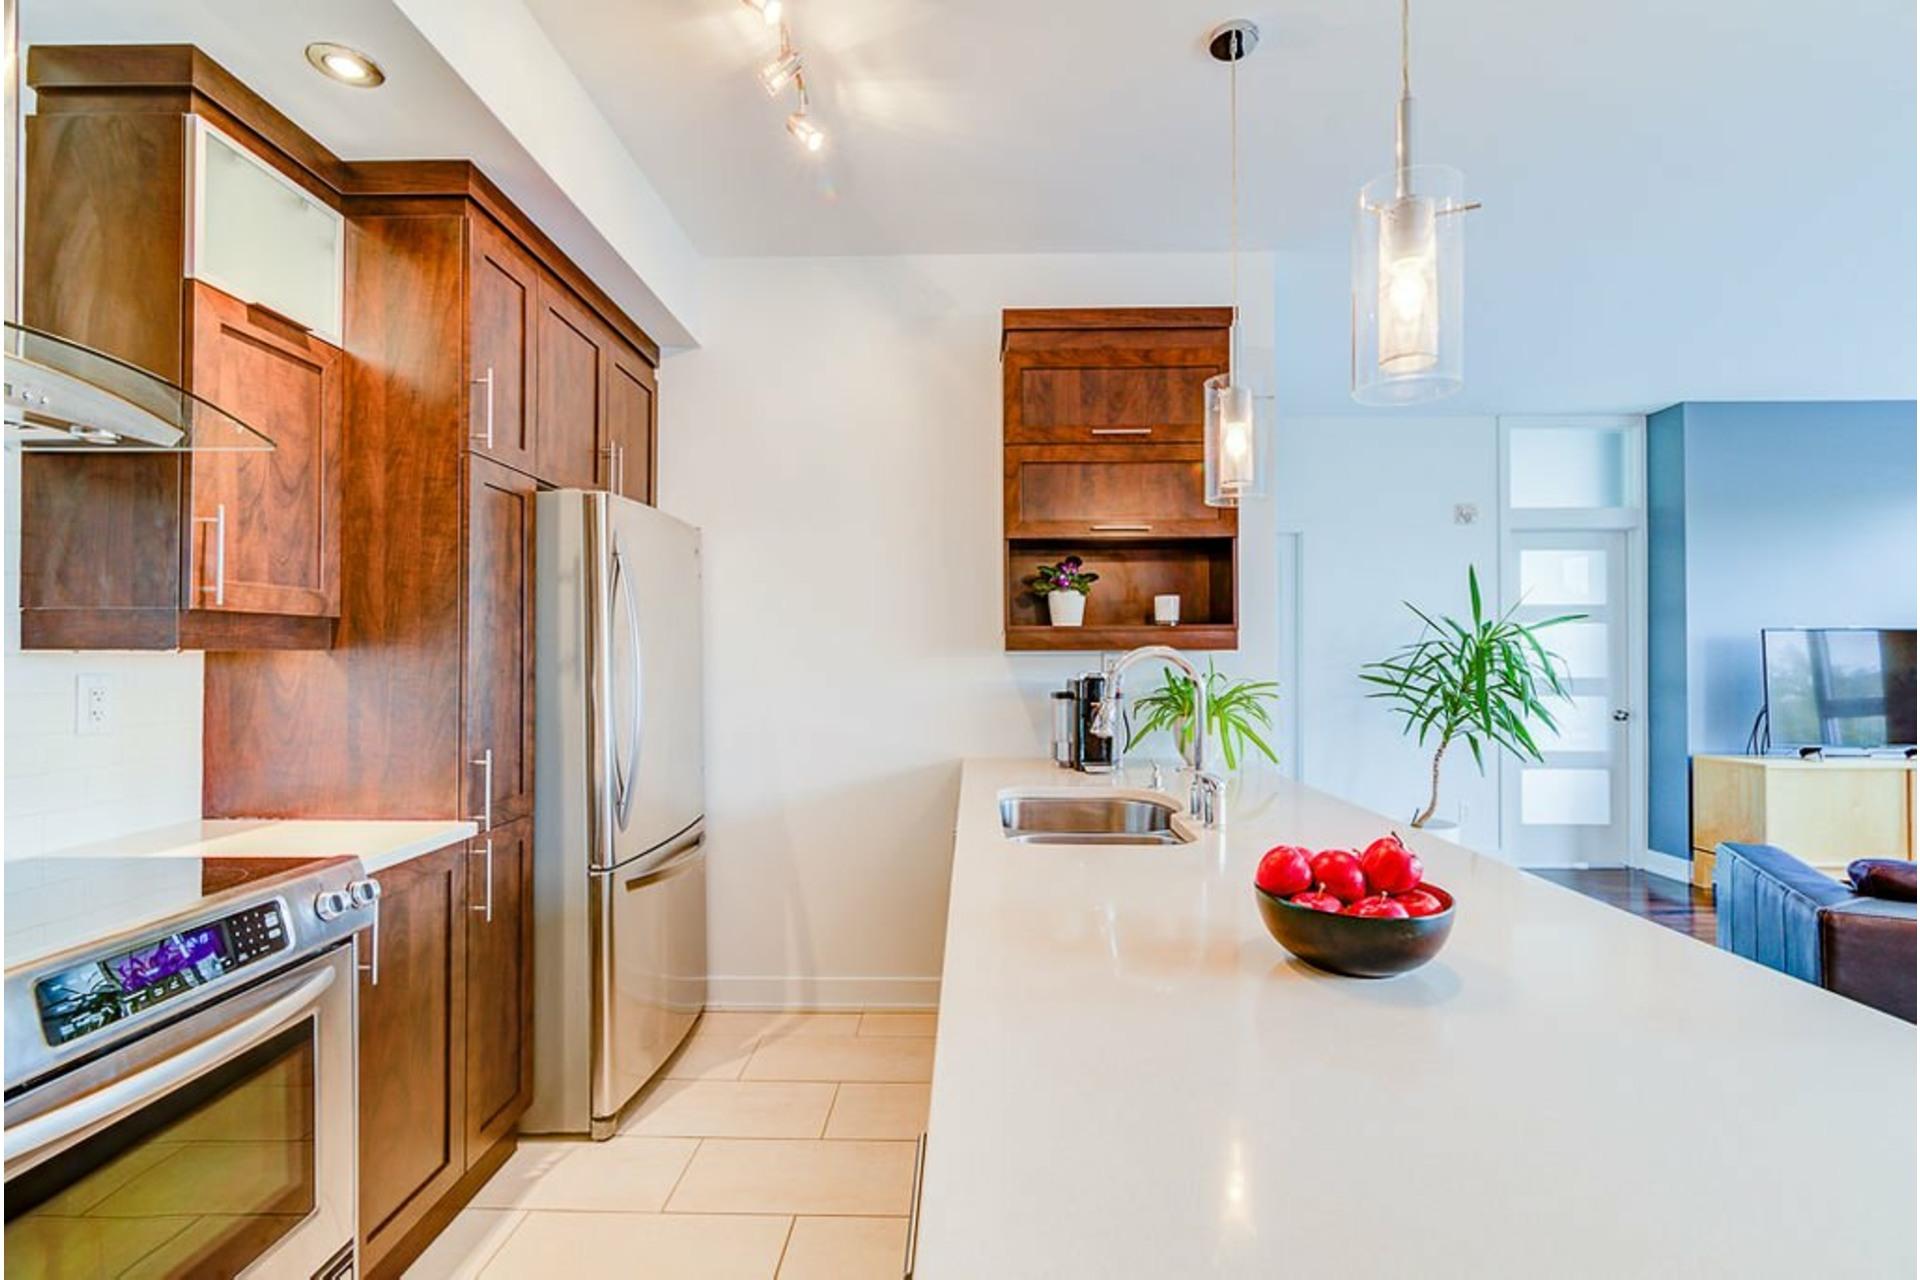 image 14 - Appartement À vendre Villeray/Saint-Michel/Parc-Extension Montréal  - 6 pièces